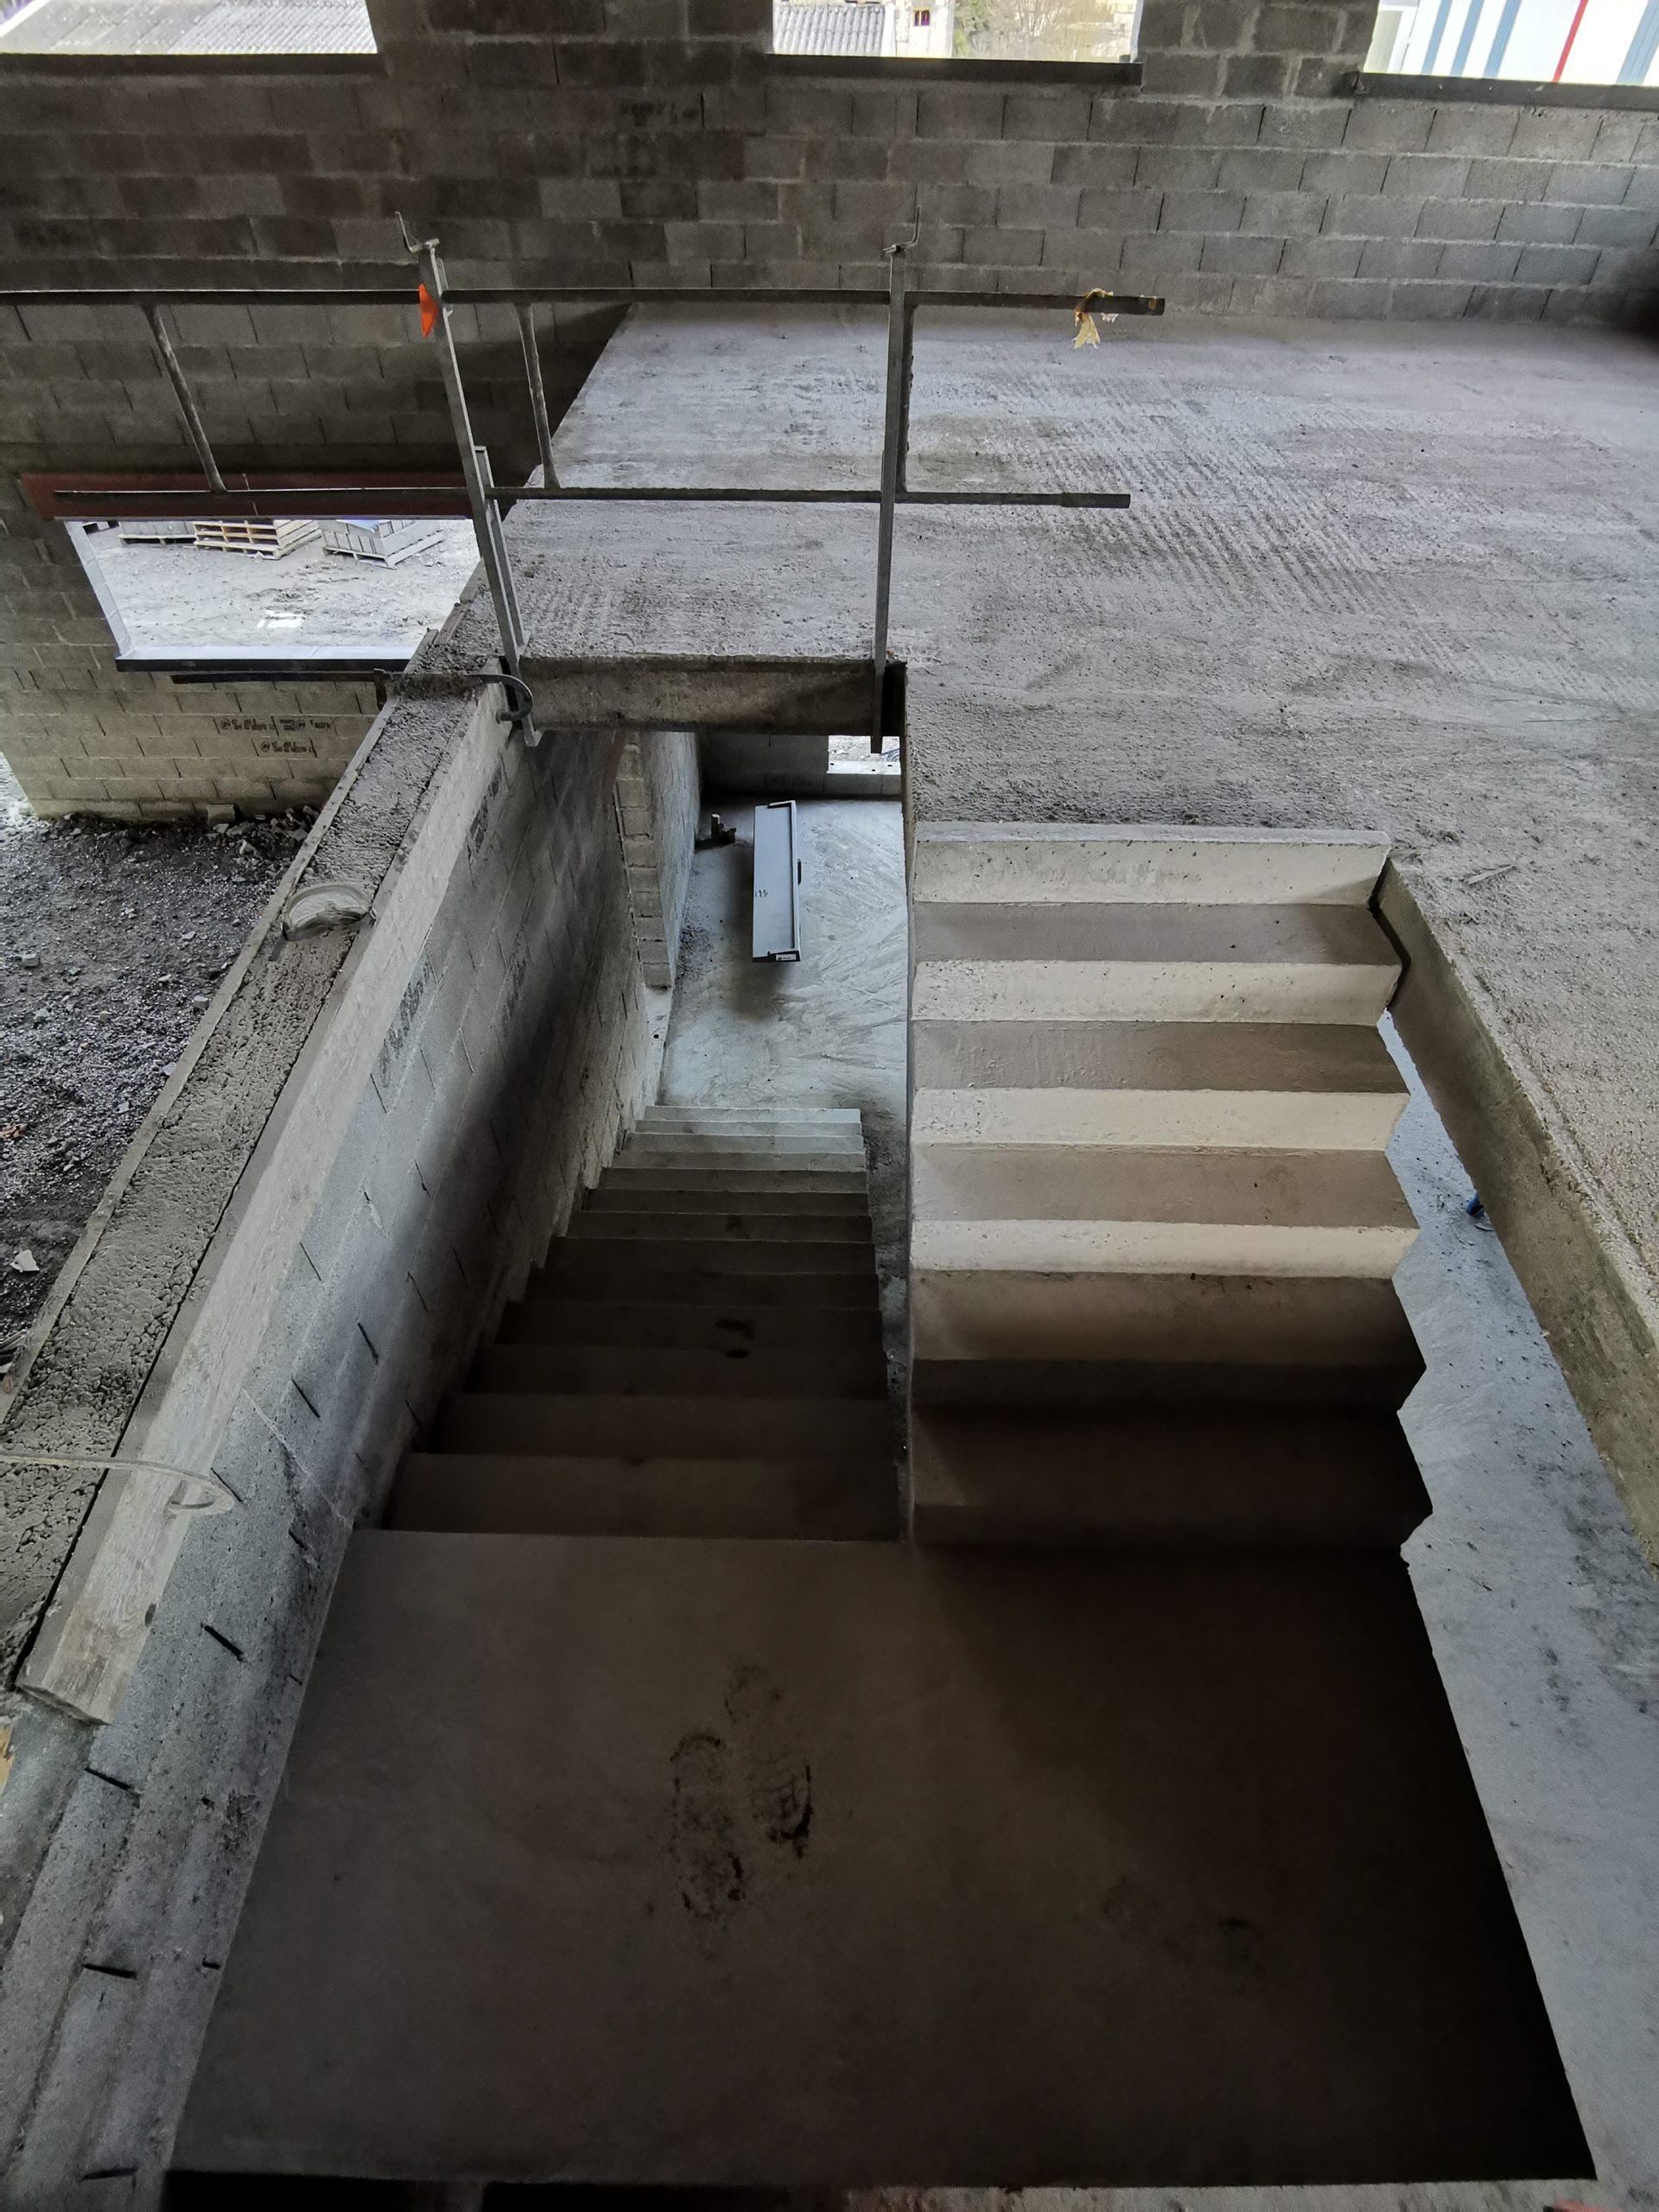 Dernière volée droite de l'escalier avant d'arriver à l'étage